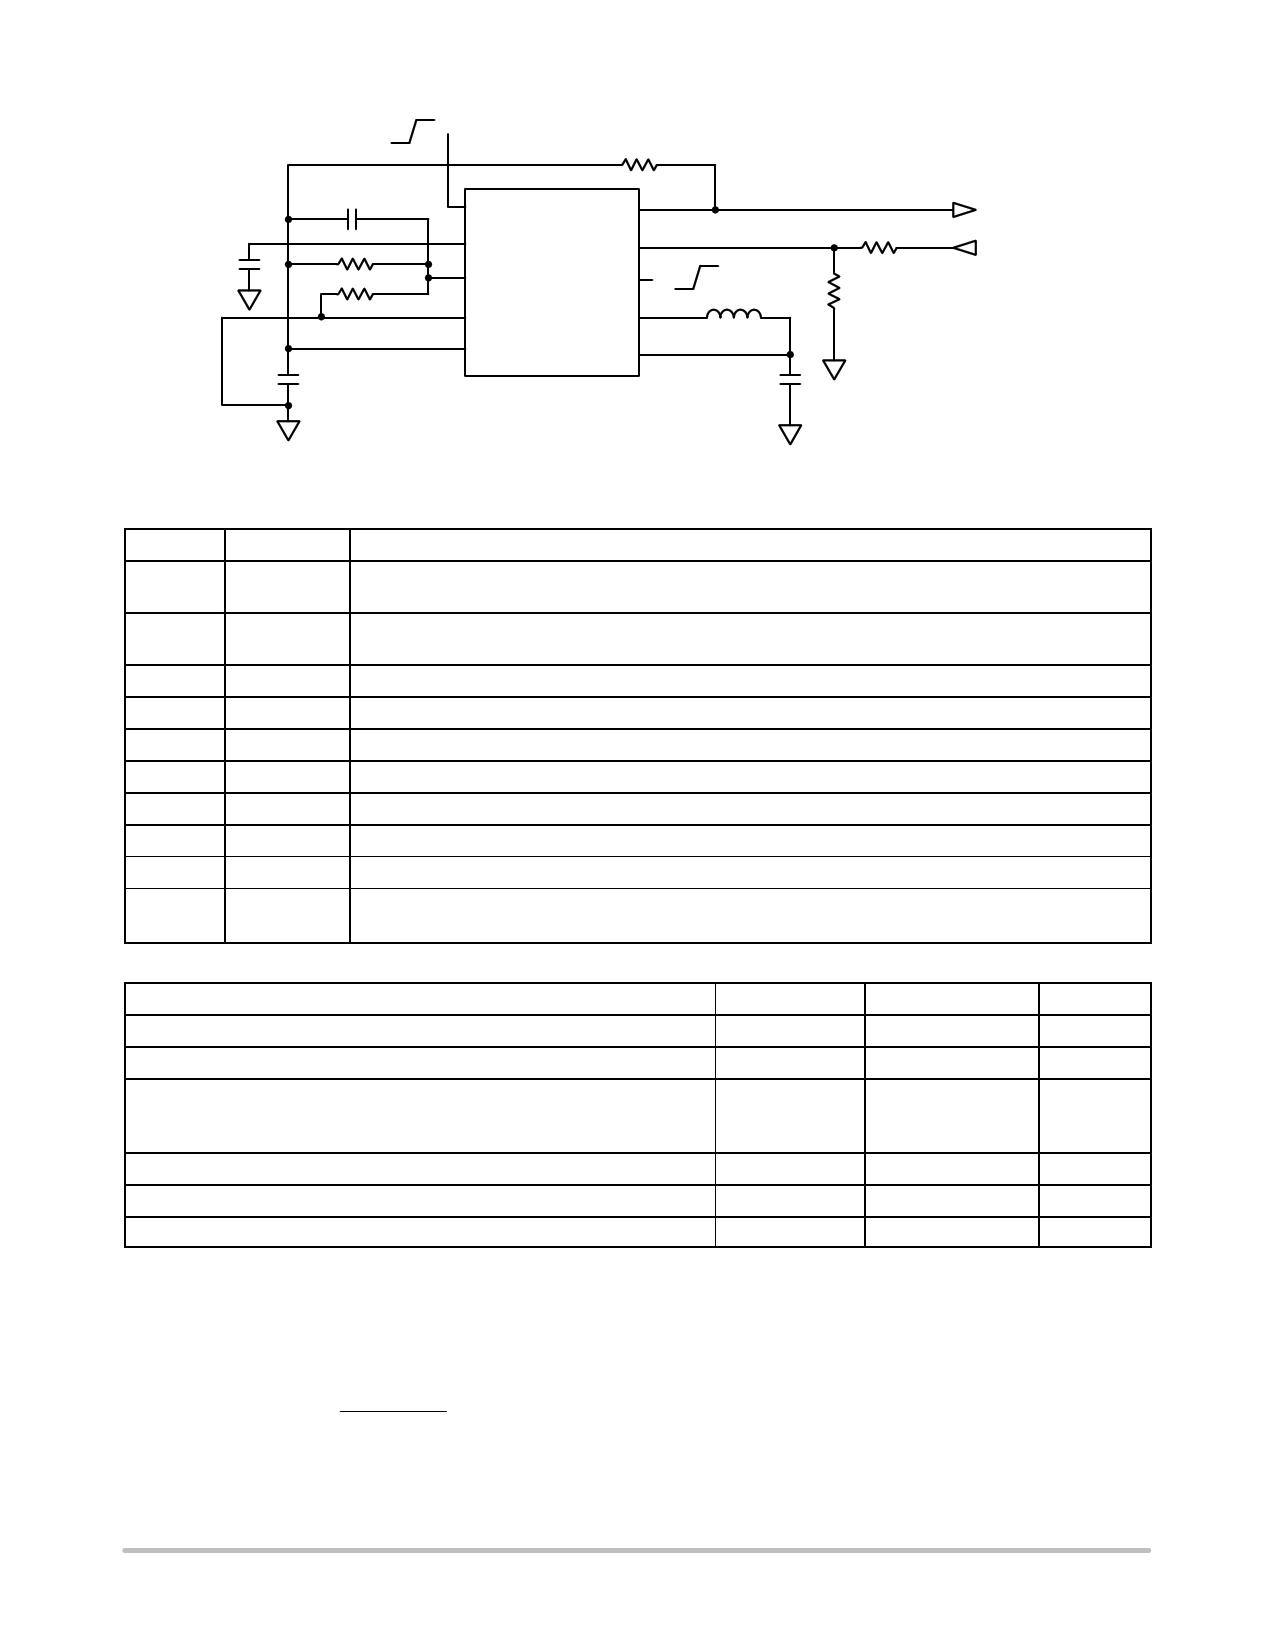 SCV1423 pdf, schematic